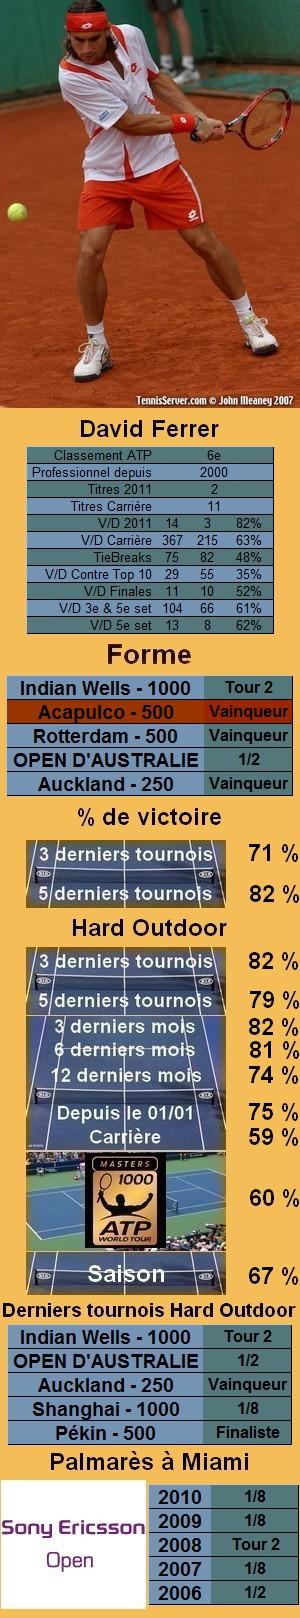 Les statistiques tennis de David Ferrer pour le tournoi de Miami